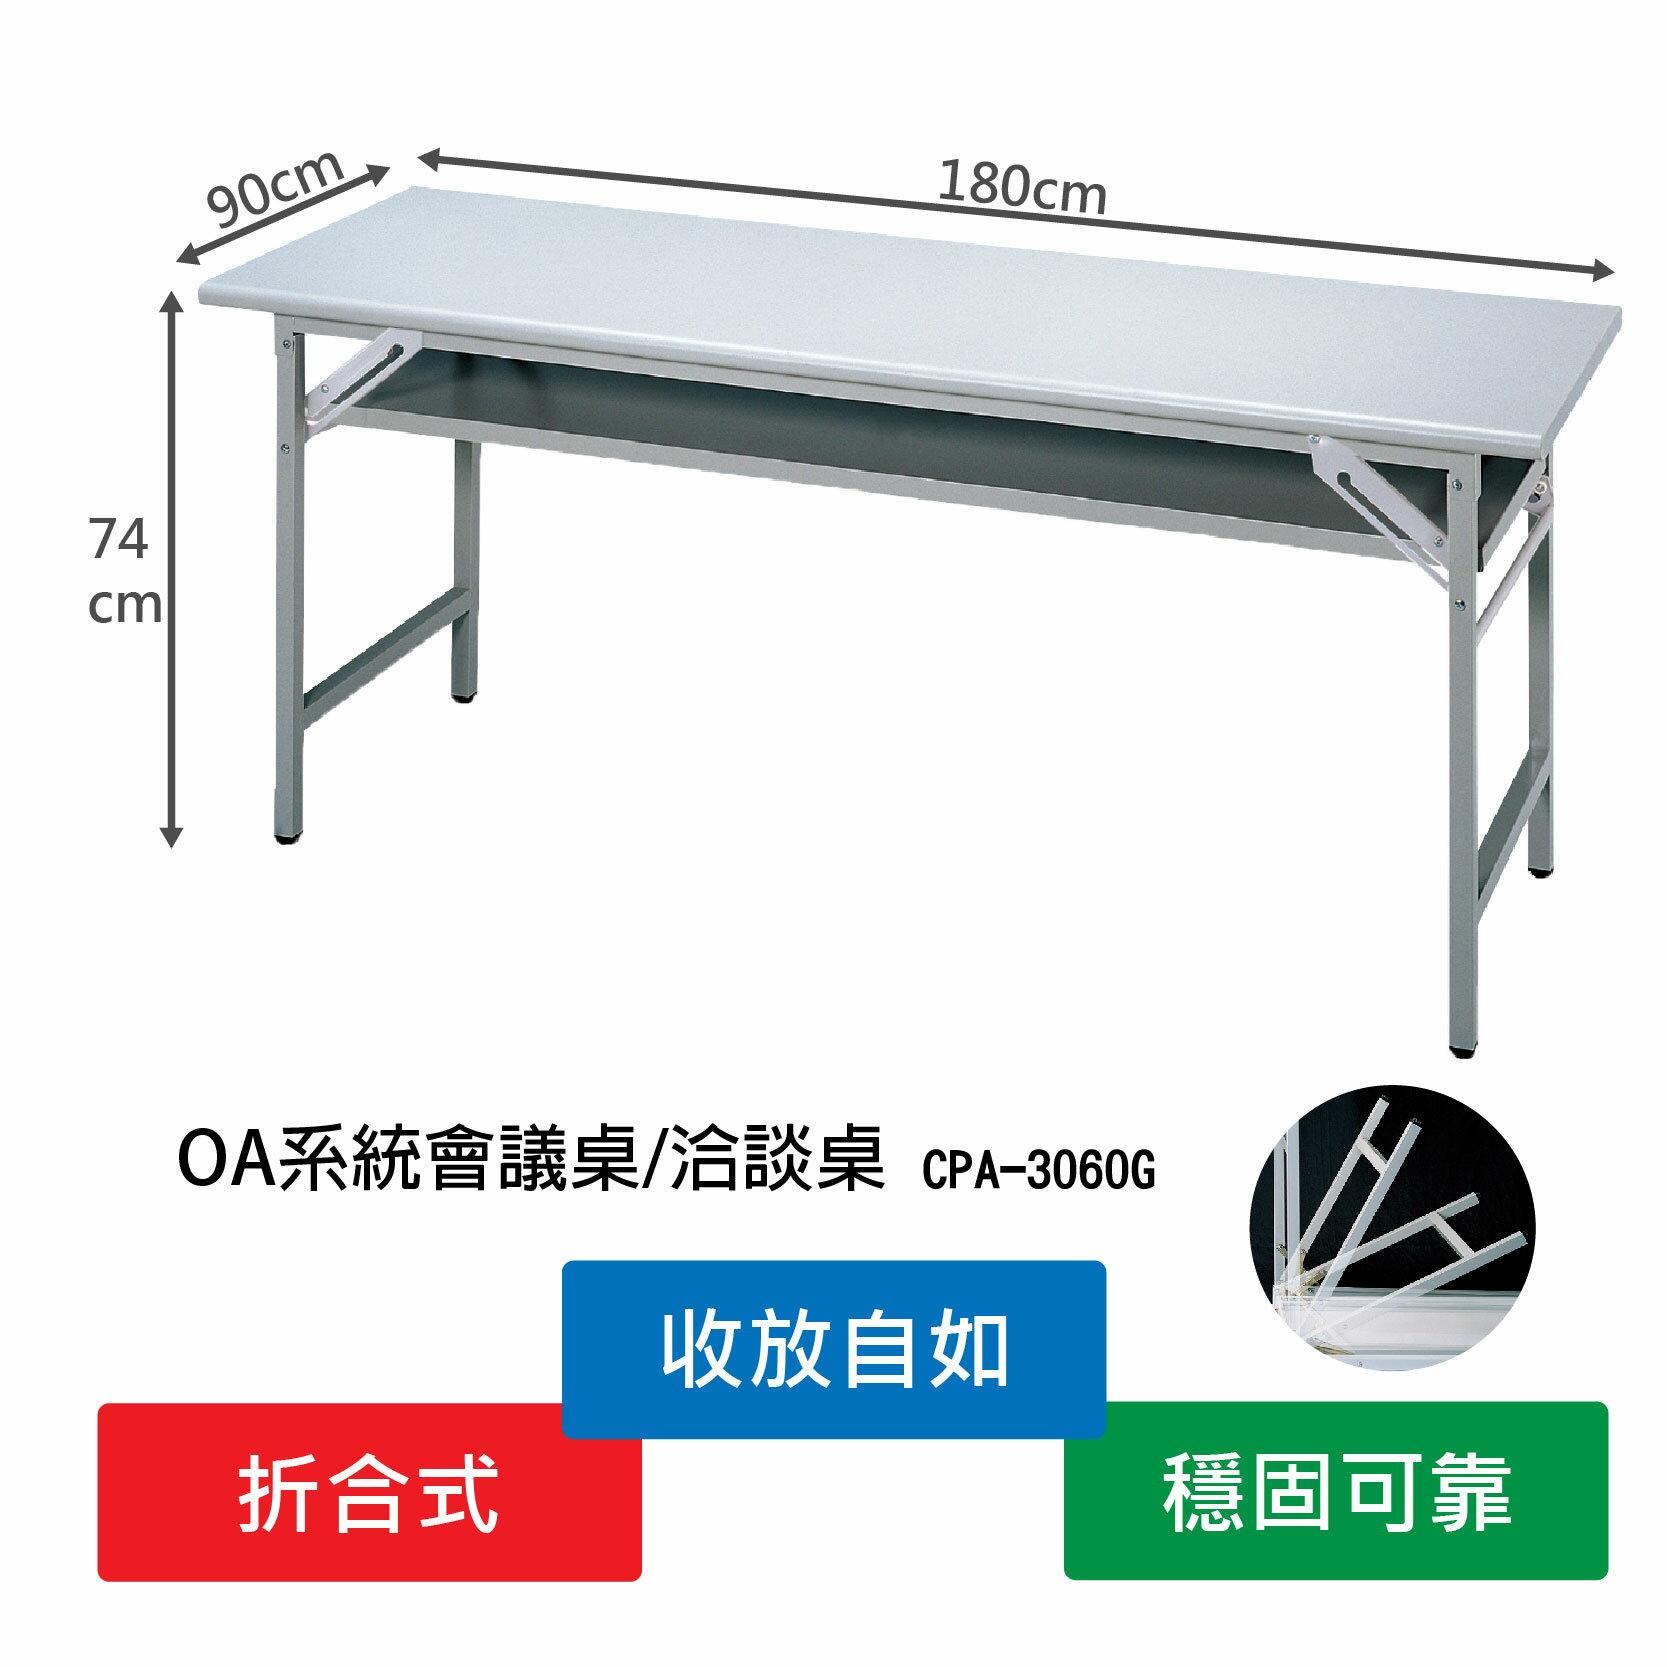 【限時特價】CPA-3060G 拆合式會議桌 辦公用品 辦公家具 辦公桌 摺疊桌 桌子 餐桌 辦公室 活動桌 現貨